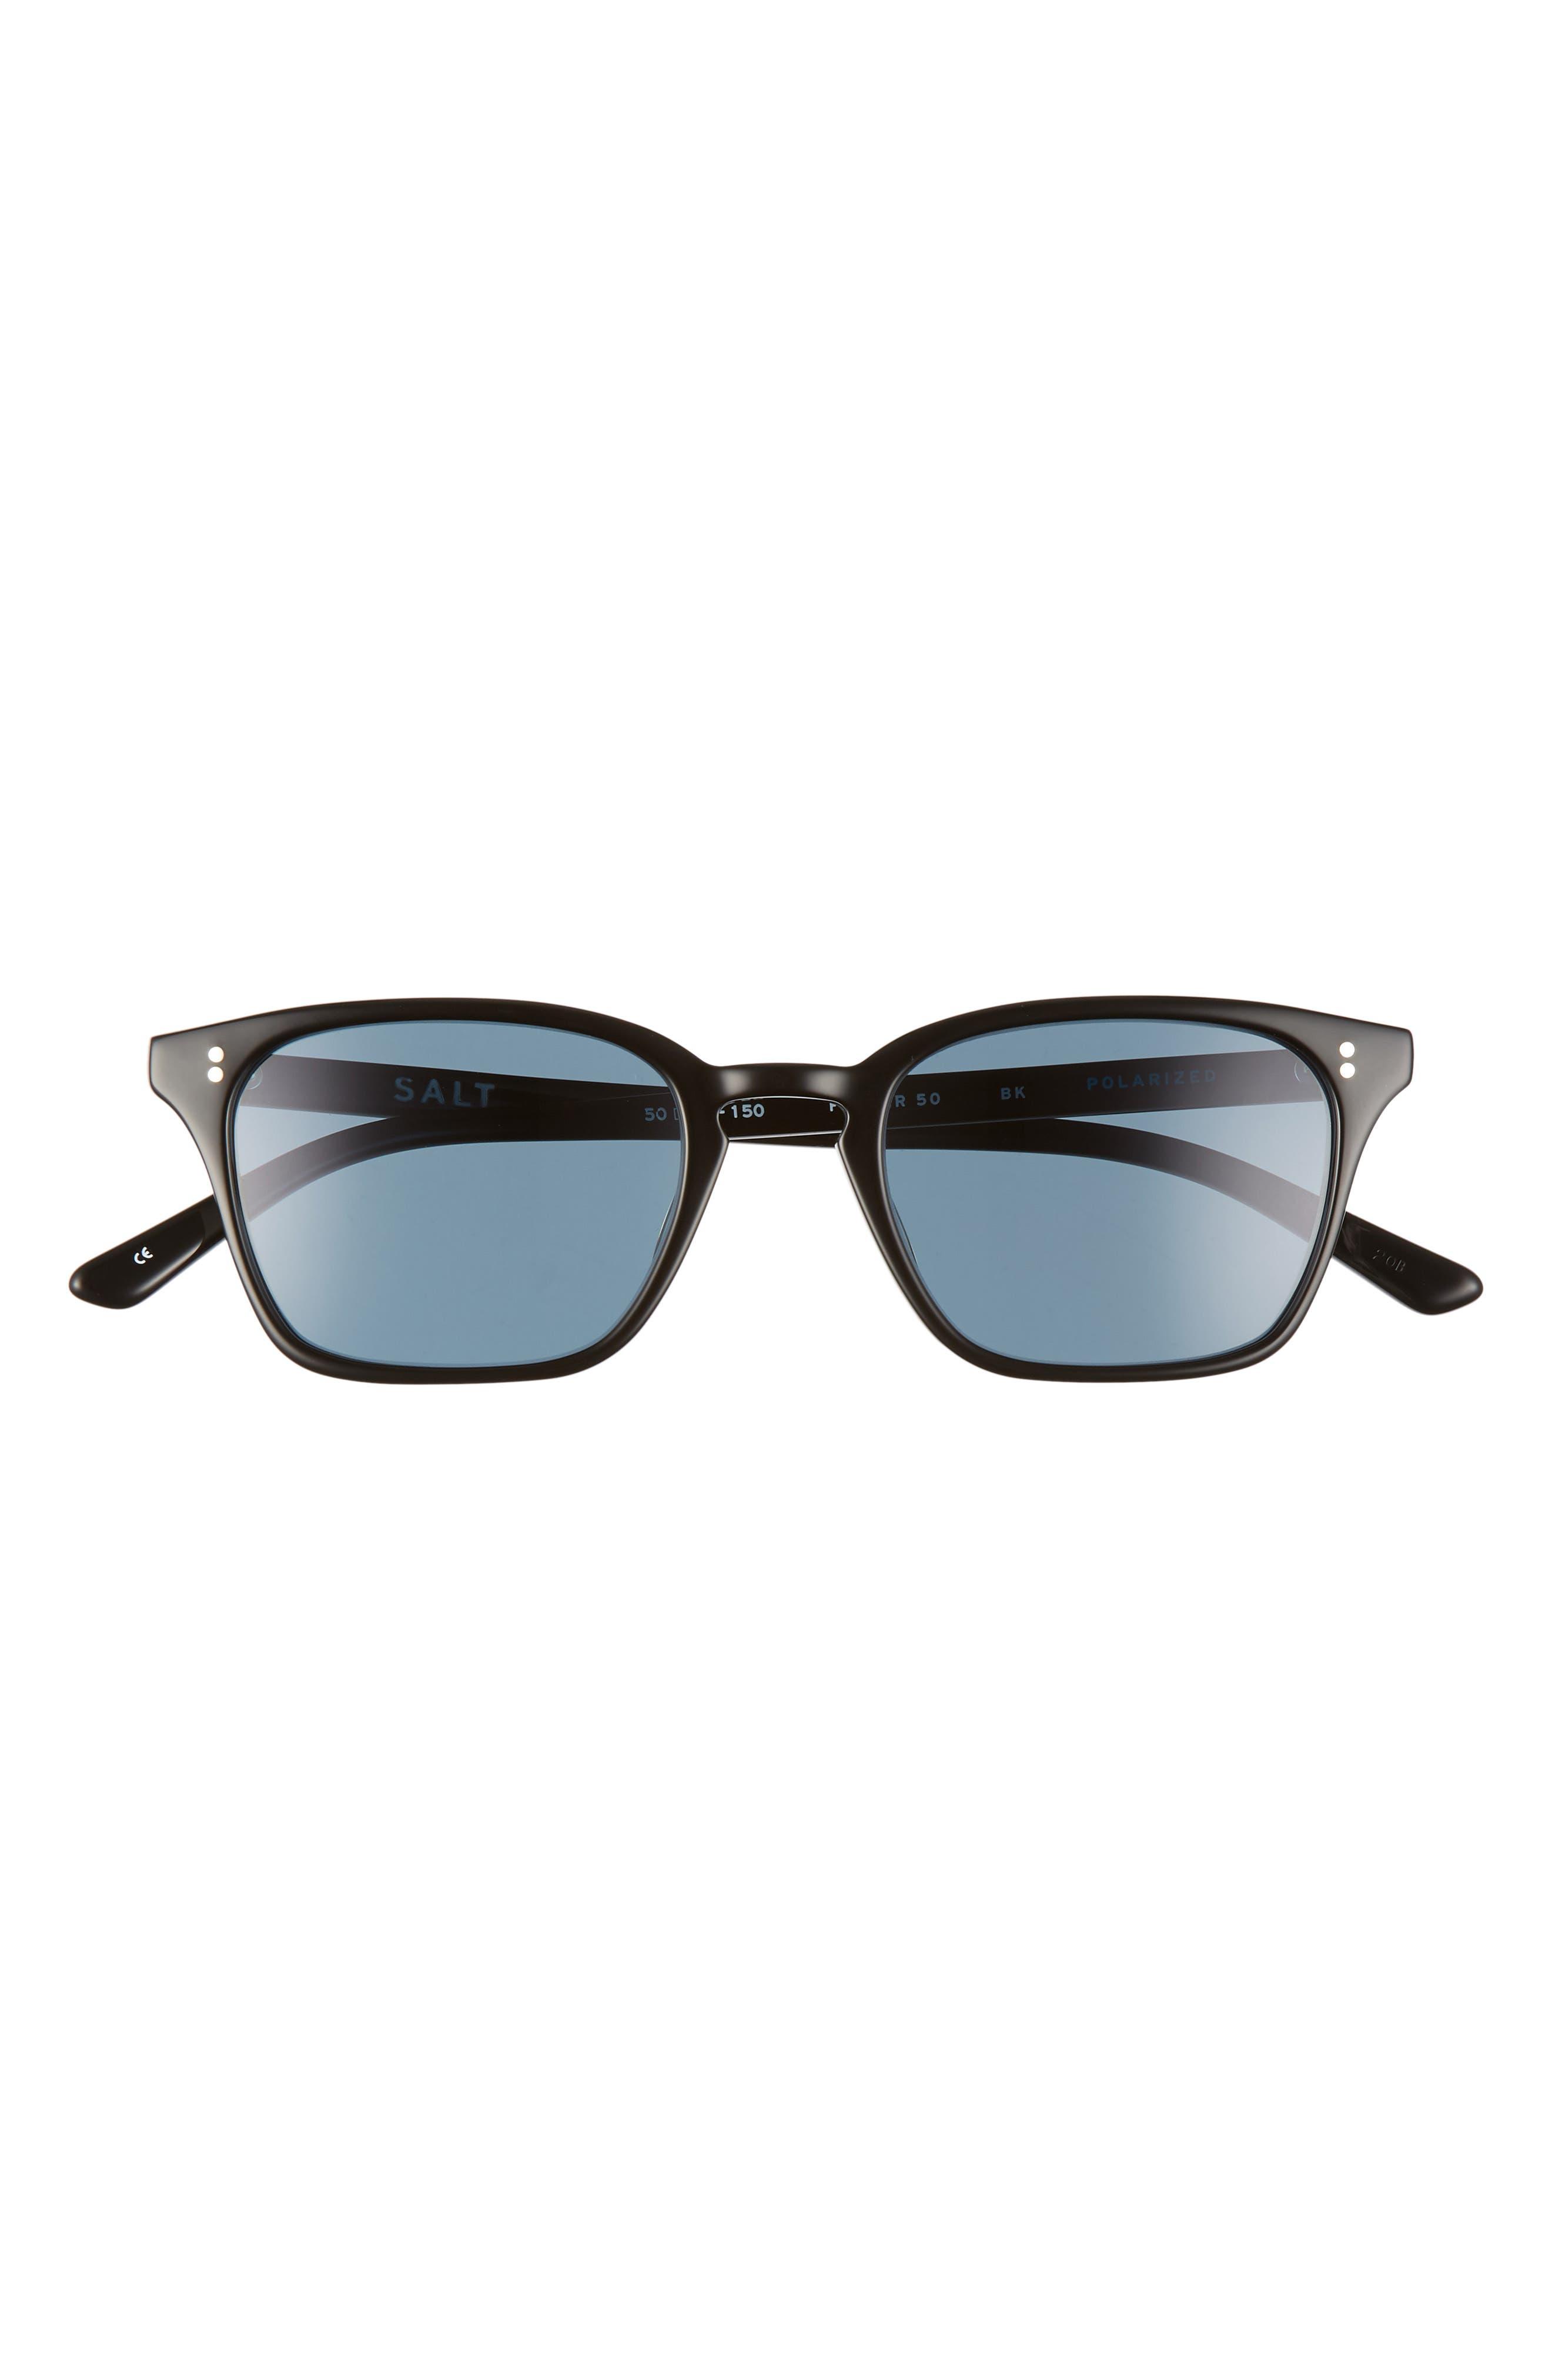 Men's Black Sunglasses & Eyeglasses | Nordstrom